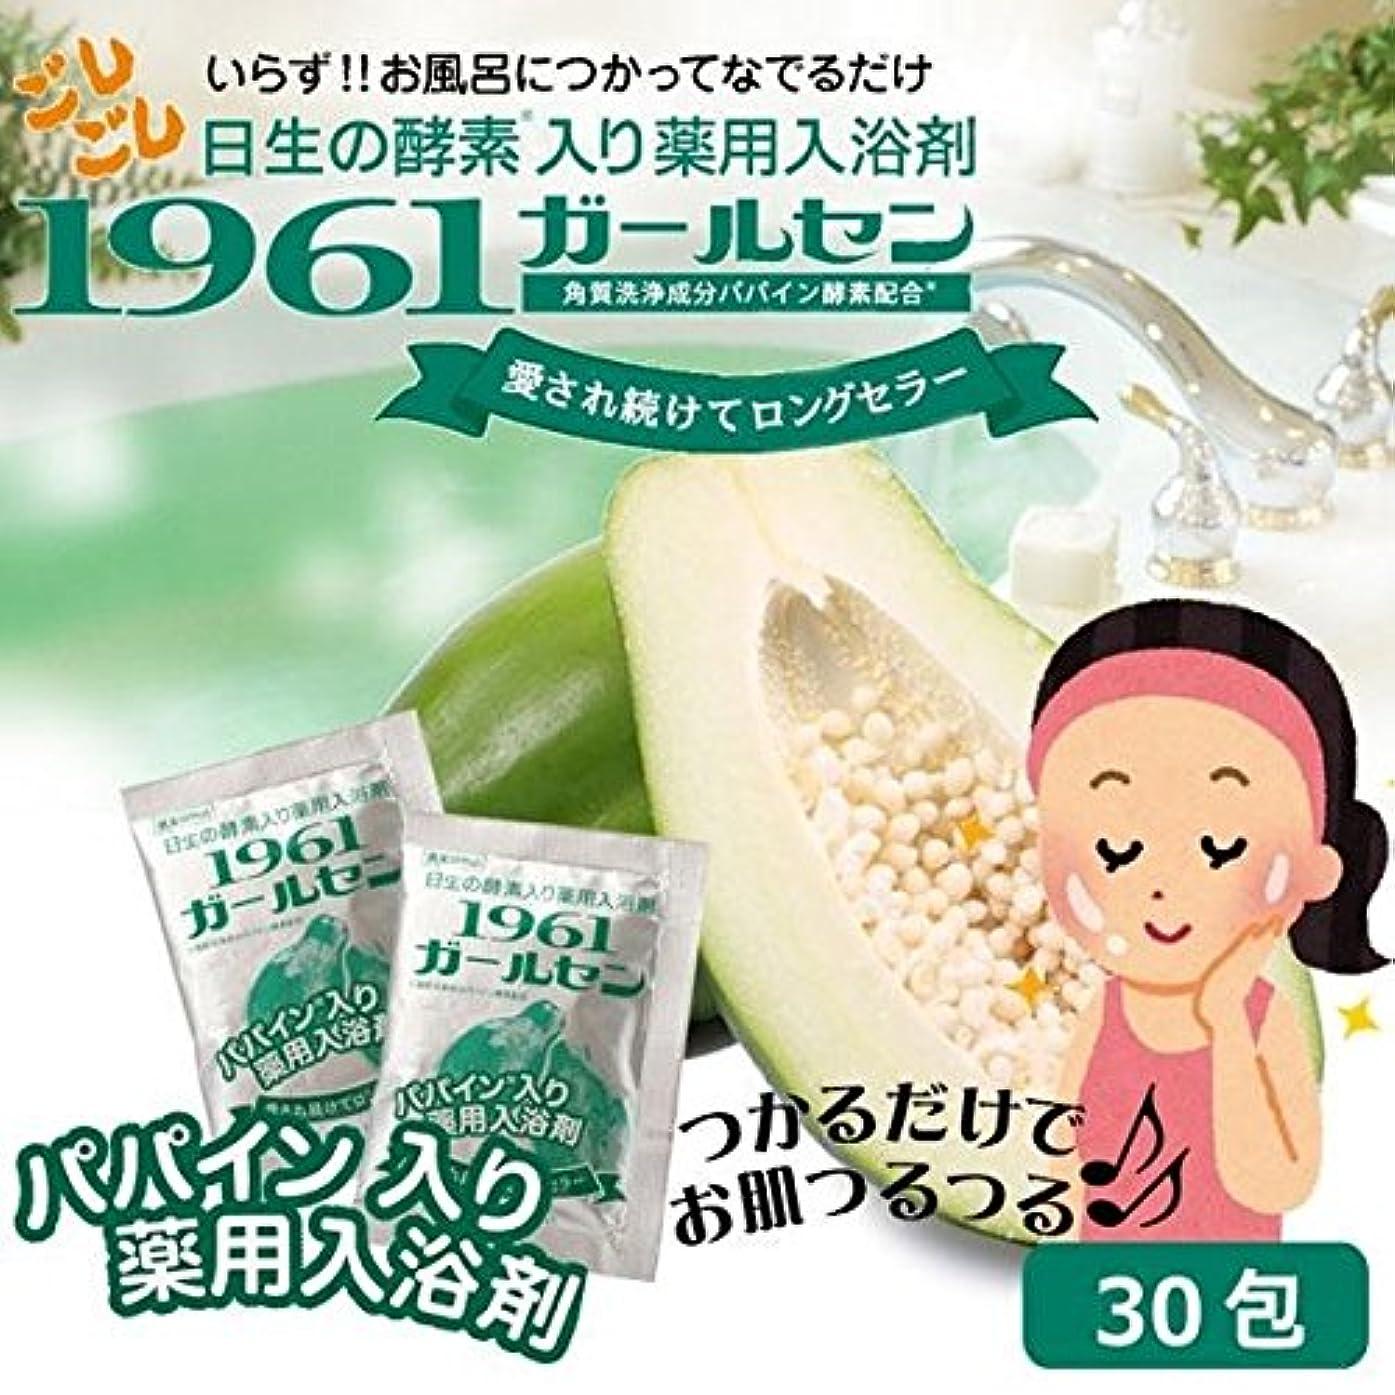 従者テラスステートメントパパイン酵素配合 薬用入浴剤 1961ガールセン 30包